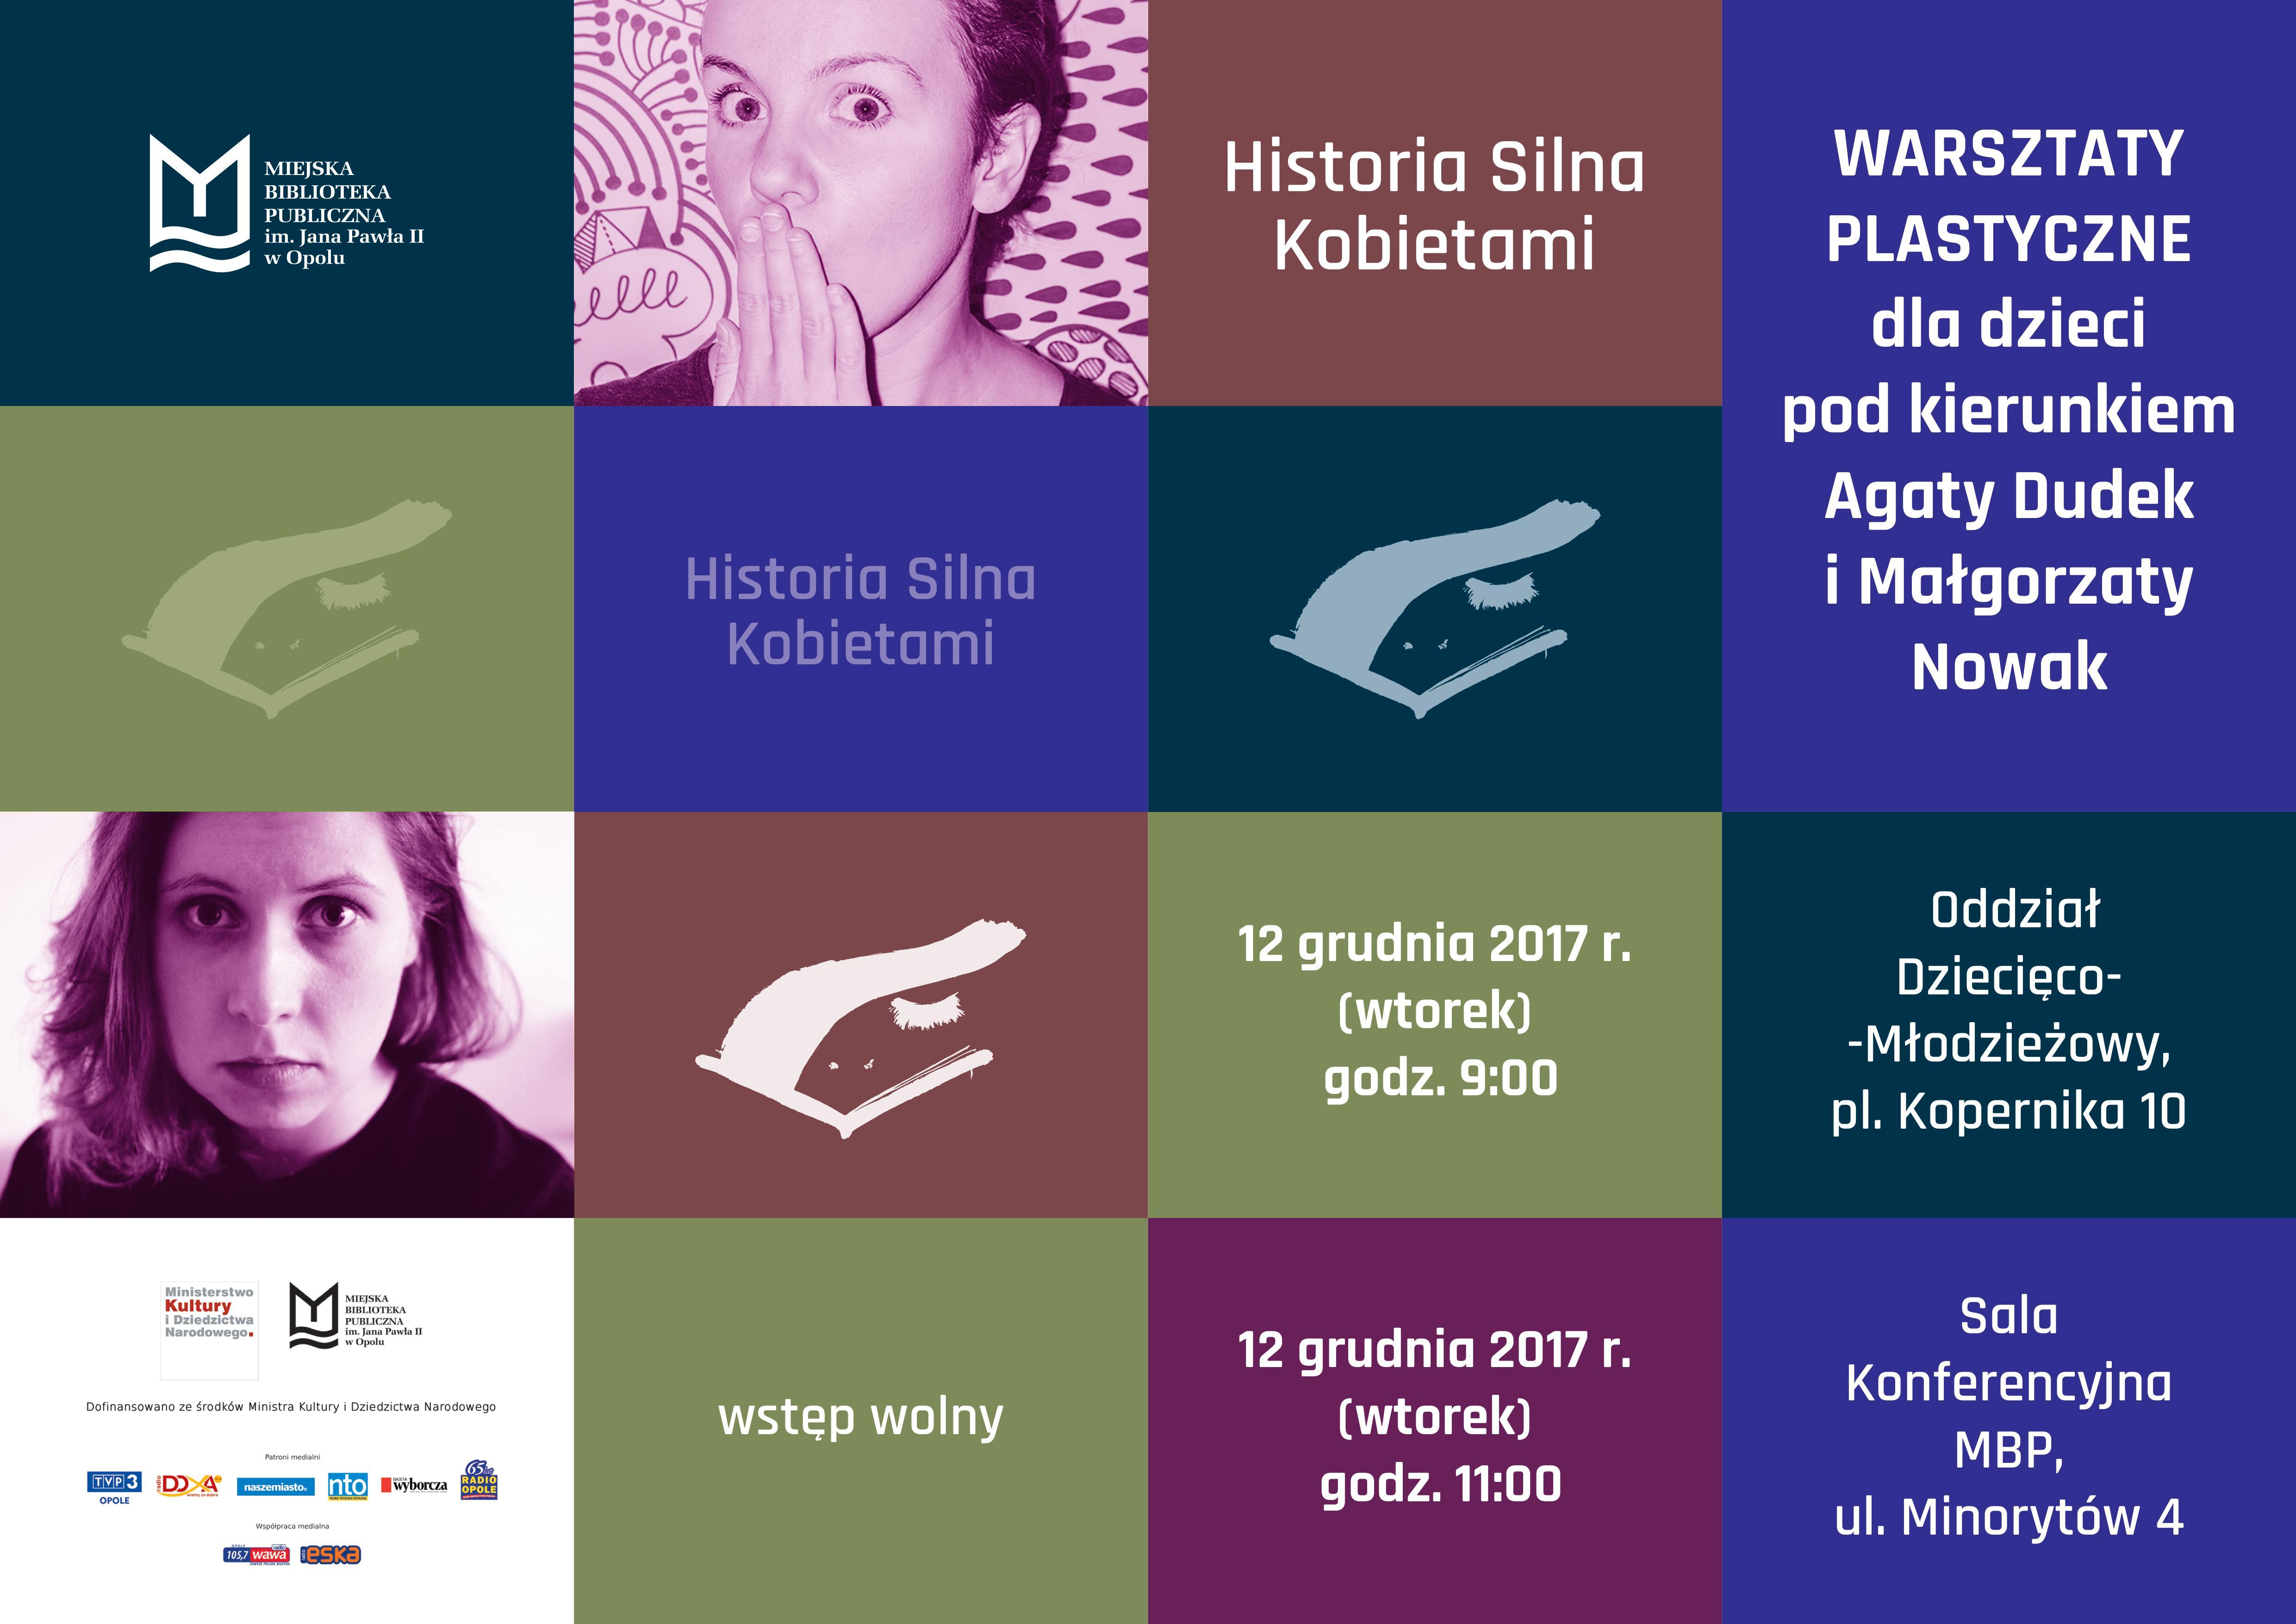 Historia silna kobietami: warsztaty plastyczne dla dzieci pod kierunkiem Agaty Dudek i Małgorzaty Nowak